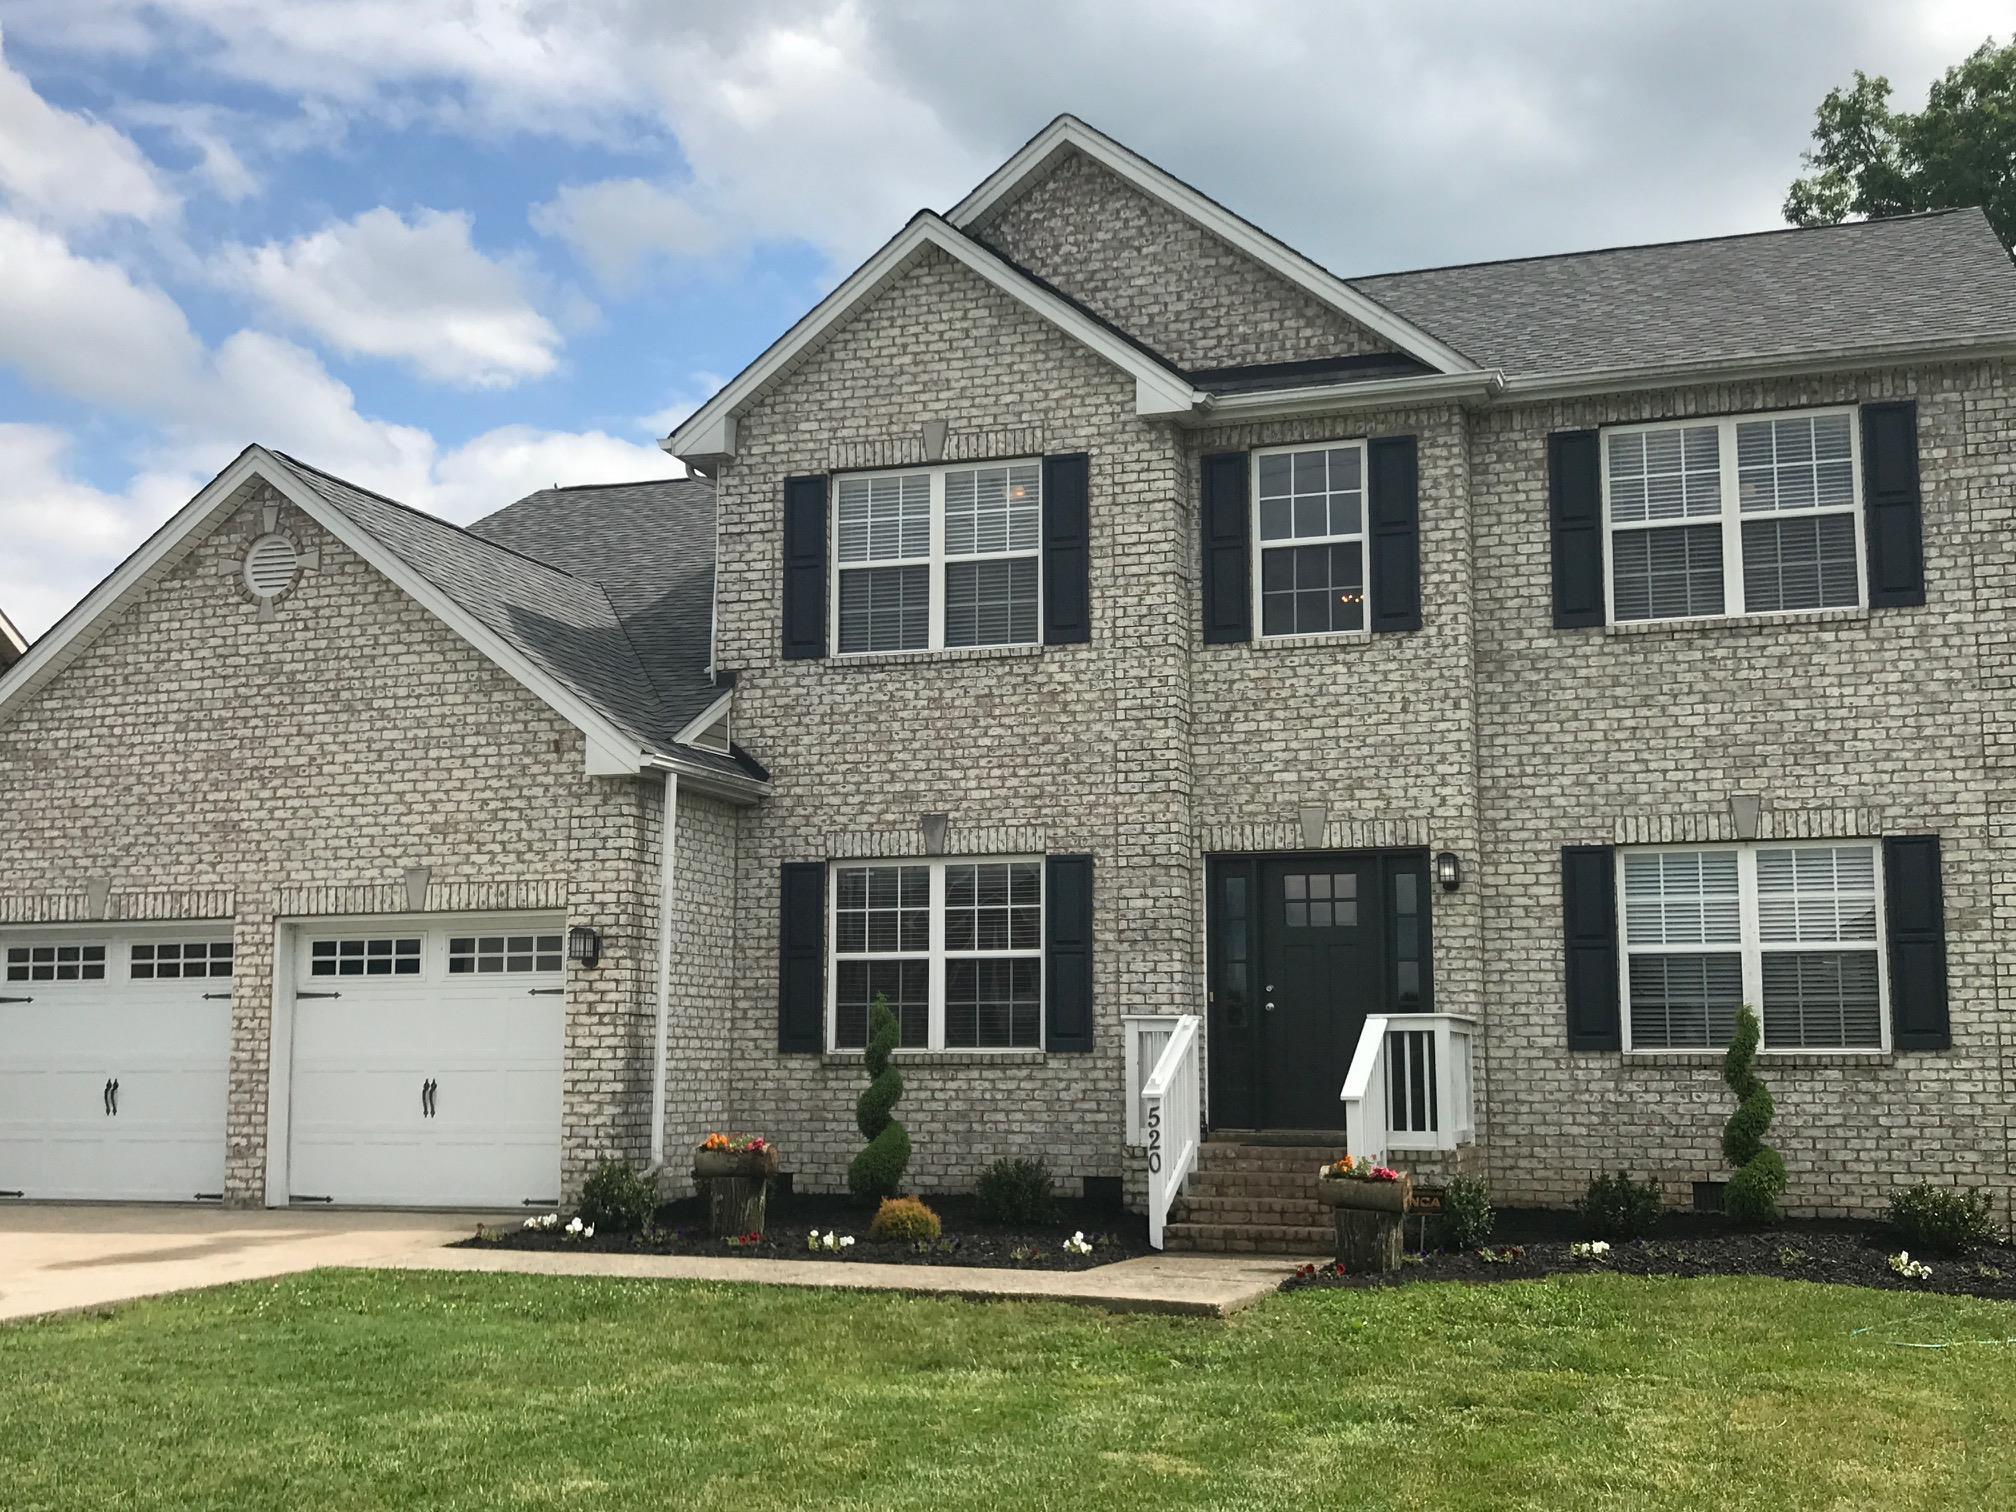 520 County Farm Rd, Murfreesboro, TN 37127 - Murfreesboro, TN real estate listing